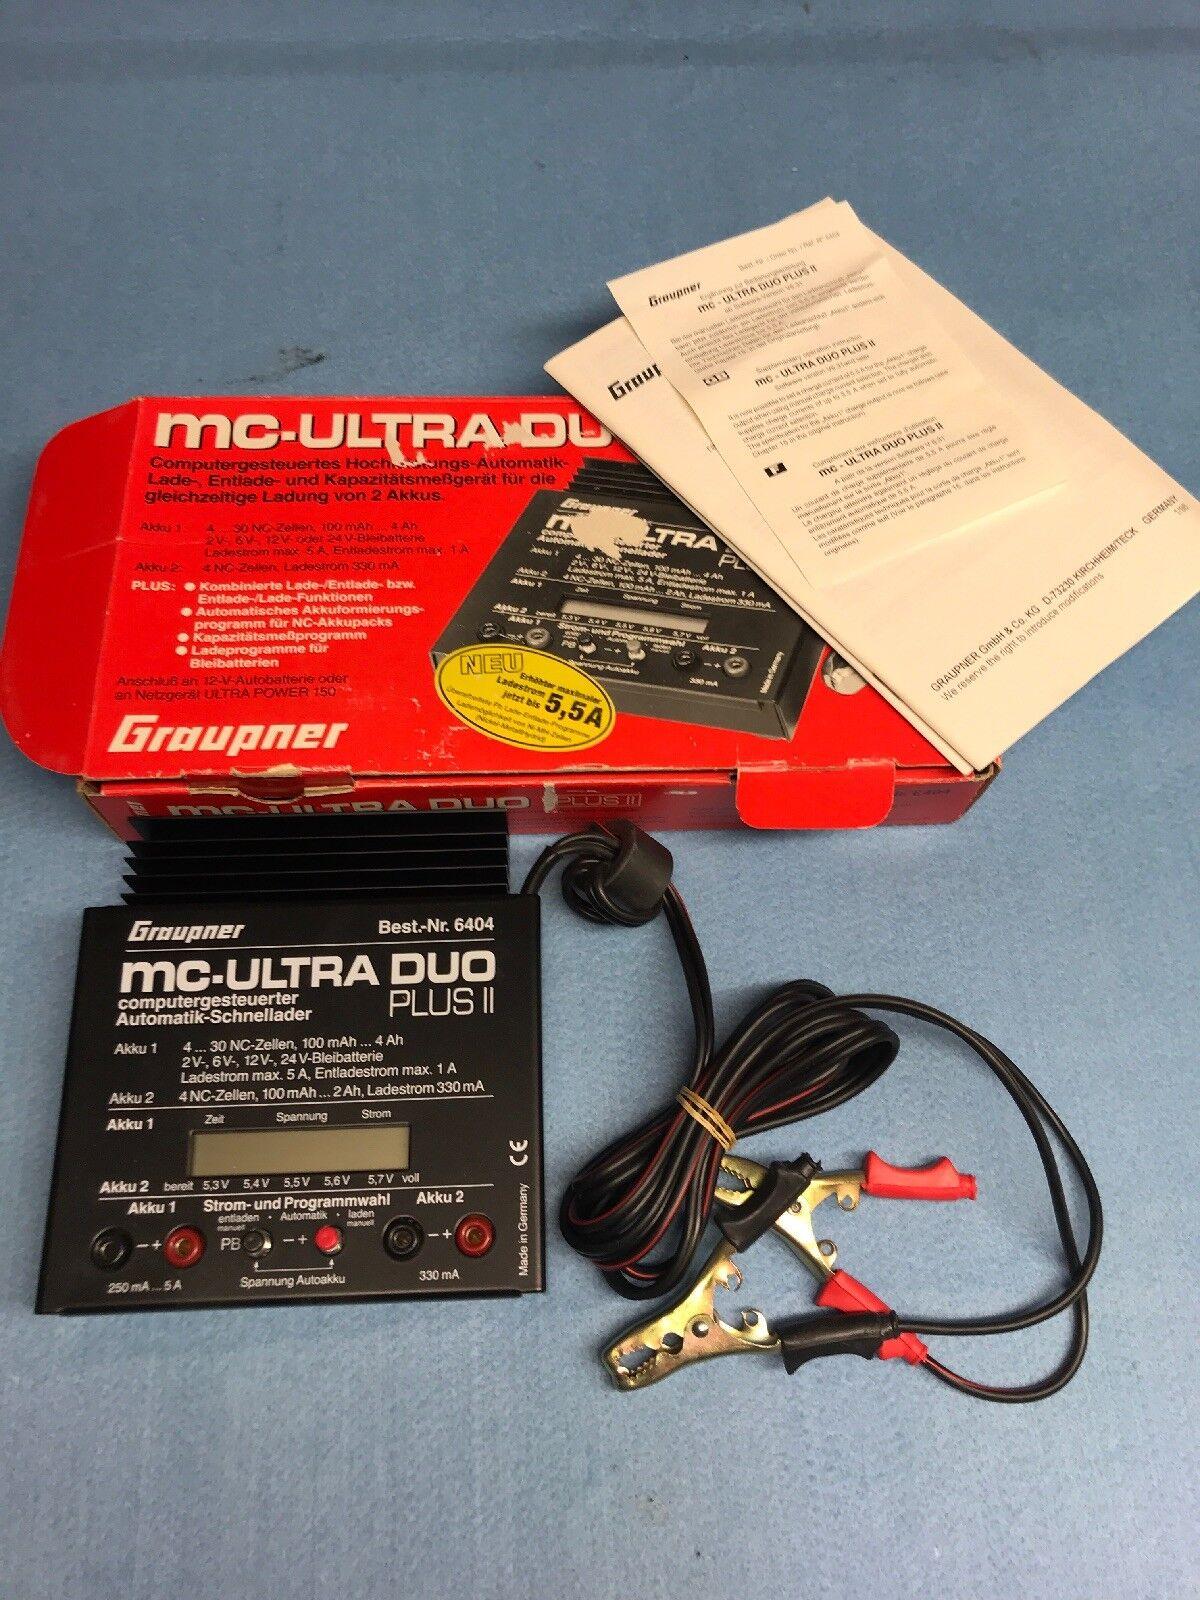 grispner Mc Ultra Duo Plus 2 Cargador De Batería Avión RC No.105